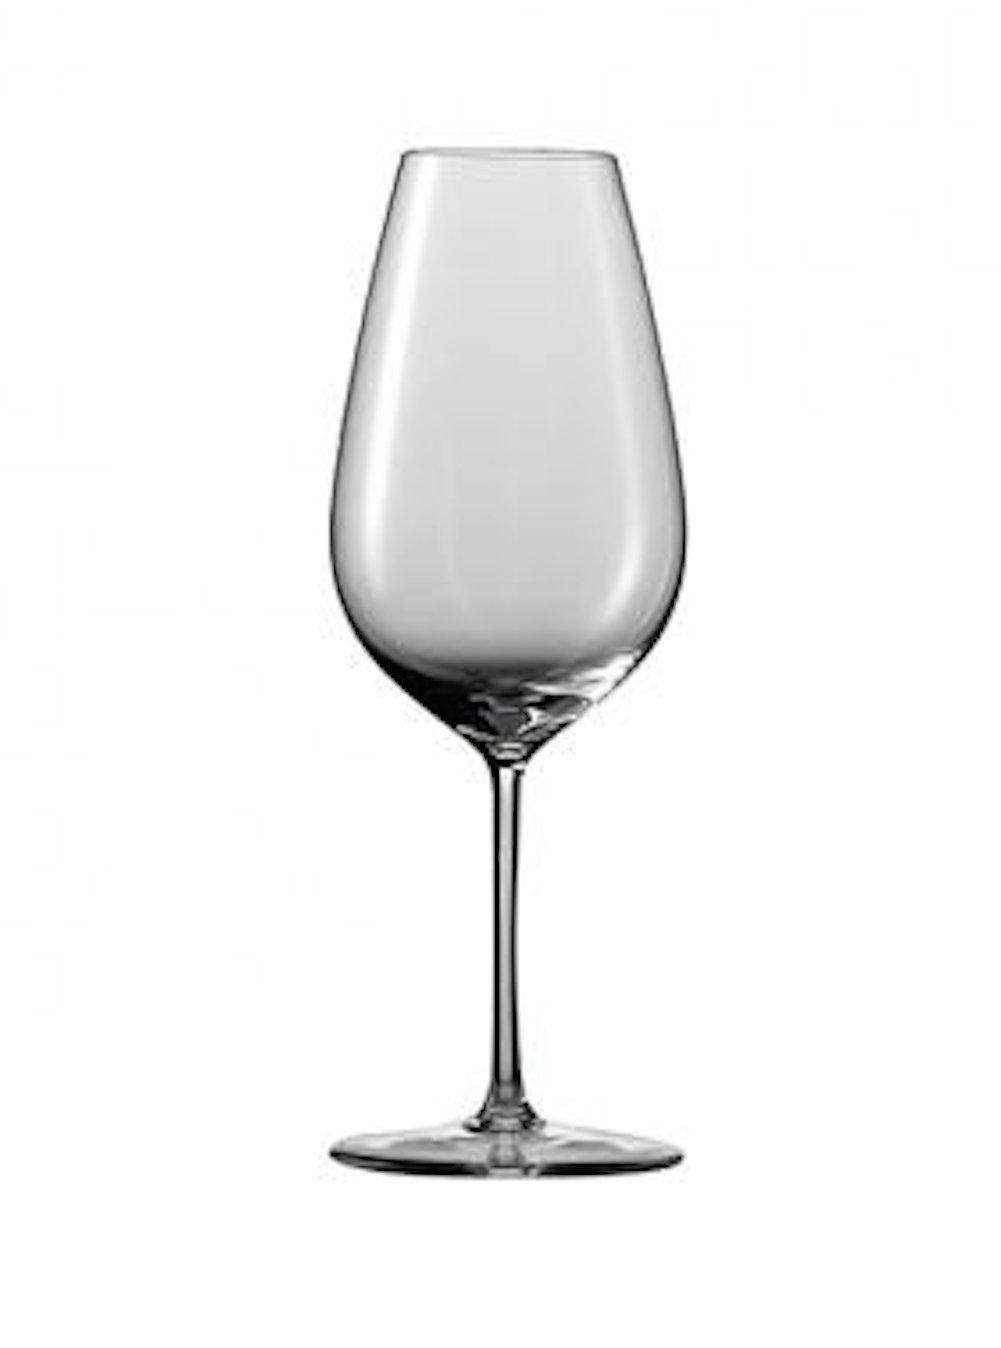 Schott Zwiesel 1872 Enoteca Cognac Glasses - Set of 6